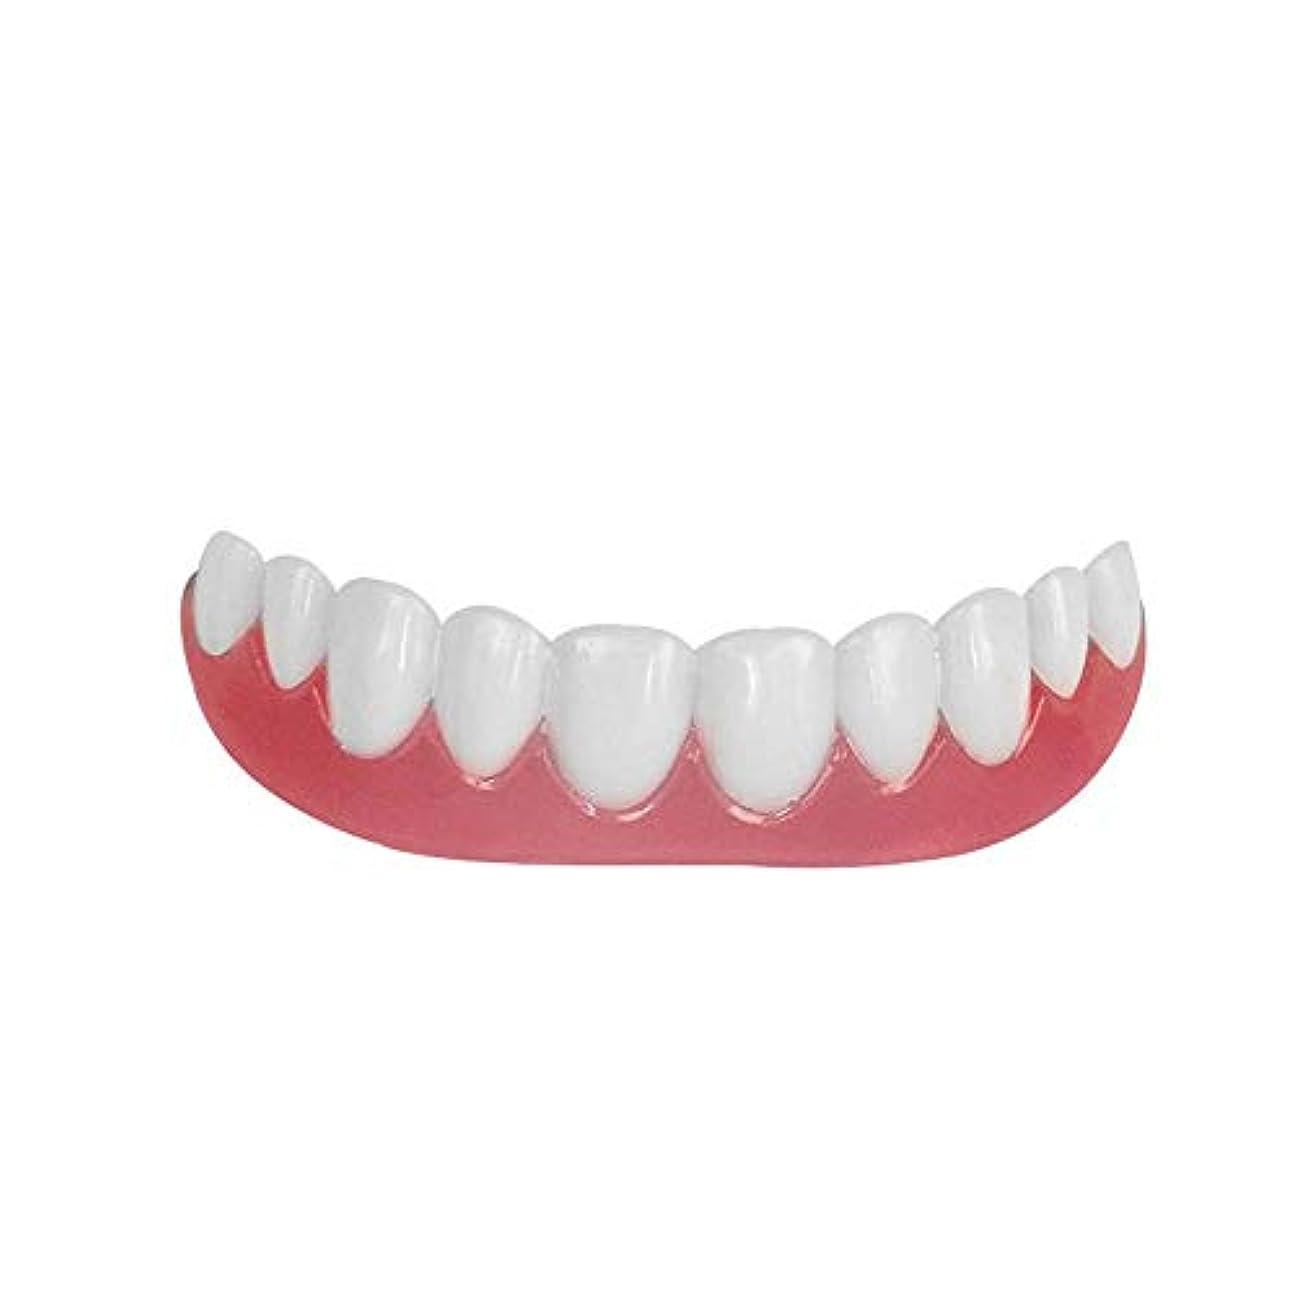 トリプル甲虫不機嫌シリコーン模擬歯上歯、歯科用ステッカーのホワイトニング、歯のホワイトニングセット(1pcs),A